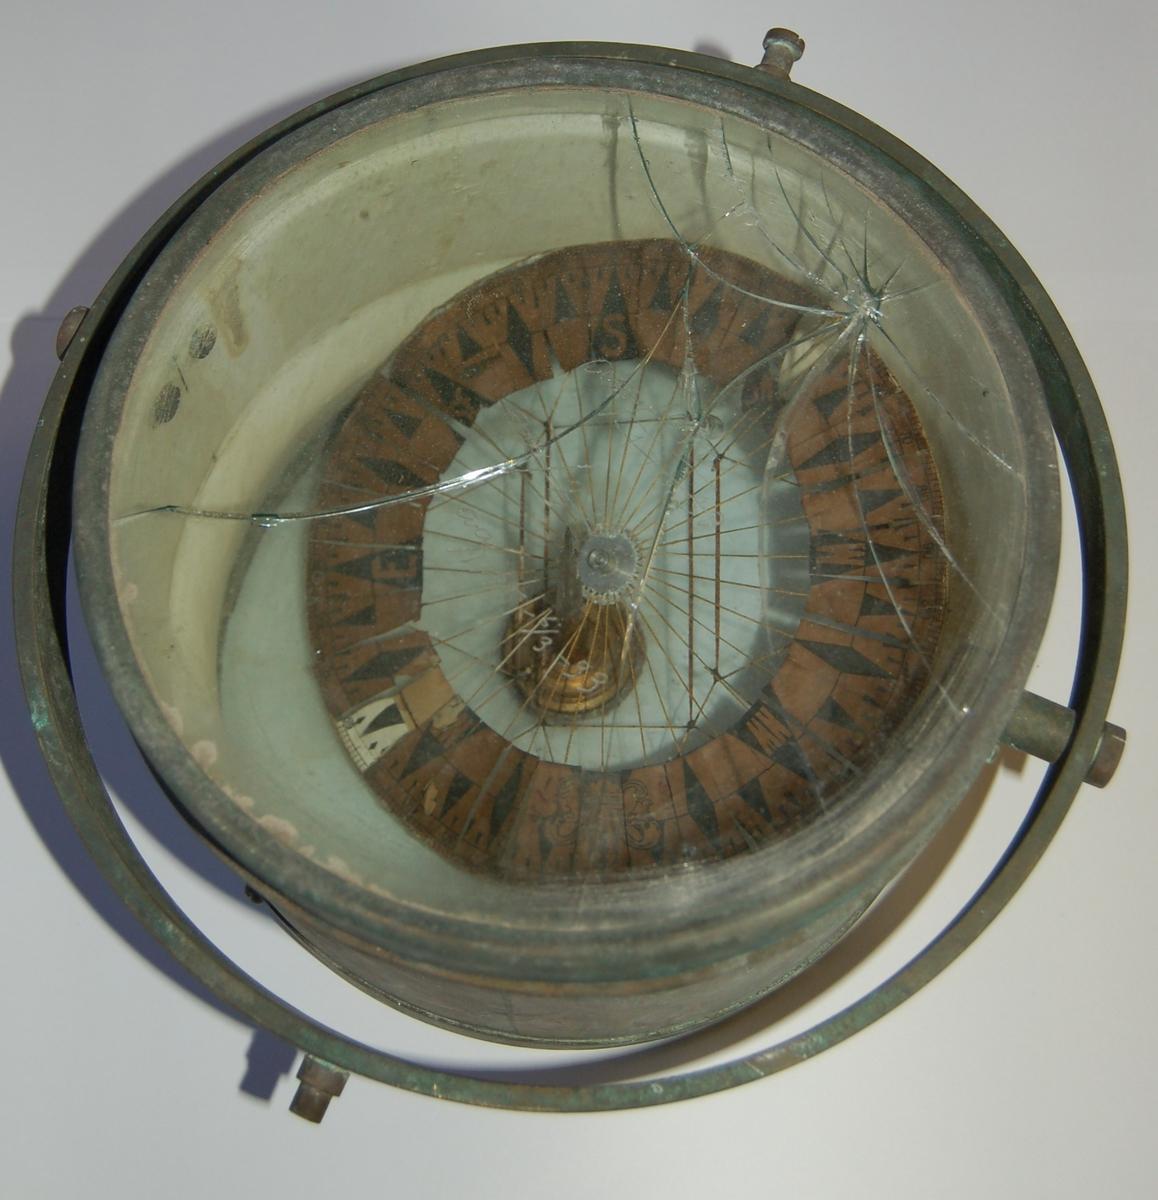 """Gjenstanden er eit """"Luftkompass"""" av eldre type. I glasset på kompasset er det ripet inn dateringer for når kompasset er korrigert. """"aa/912. 17-2-30"""" (17.02.1933). """"aa/233"""". """"aa/1195. 6/3-33"""" (06.03.1933)."""